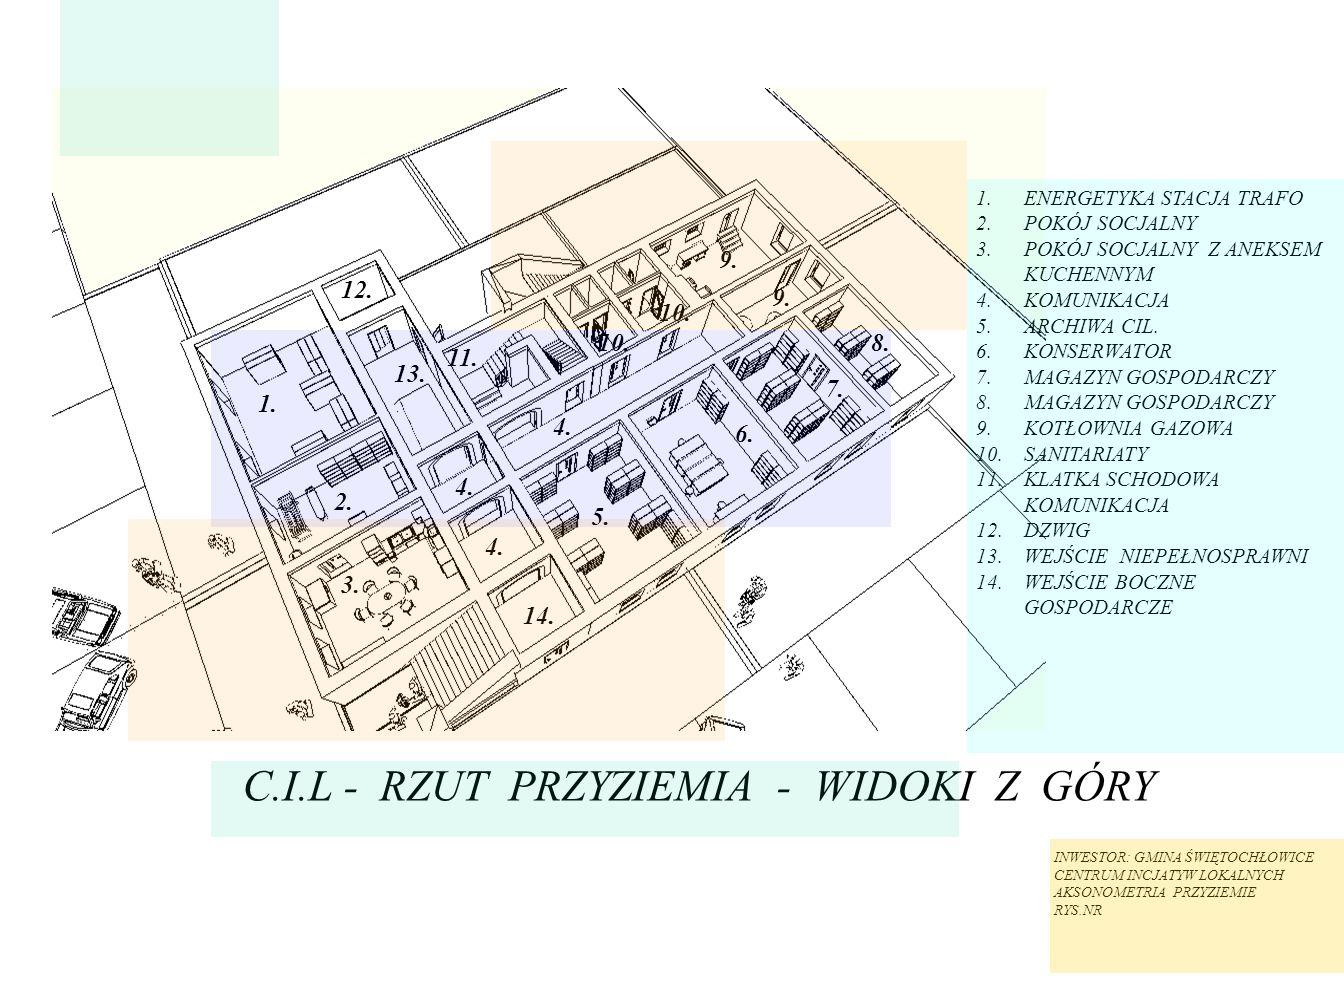 C.I.L - RZUT PRZYZIEMIA - WIDOKI Z GÓRY 1.ENERGETYKA STACJA TRAFO 2.POKÓJ SOCJALNY 3.POKÓJ SOCJALNY Z ANEKSEM KUCHENNYM 4.KOMUNIKACJA 5.ARCHIWA CIL. 6